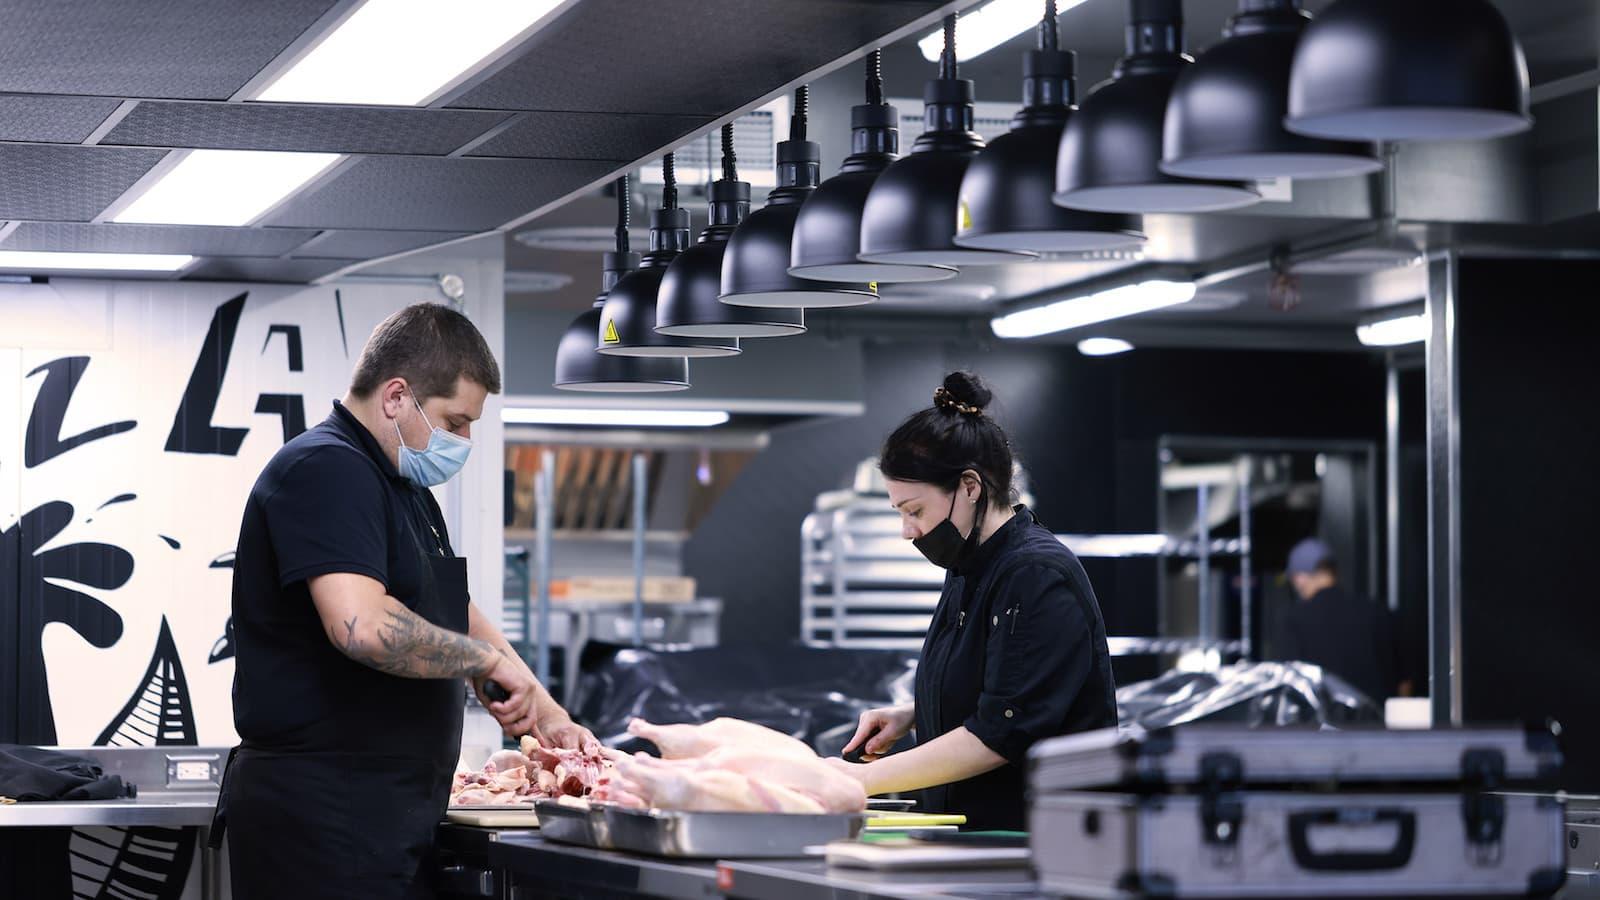 Le Clan Stéphane Modat cuisine restaurant